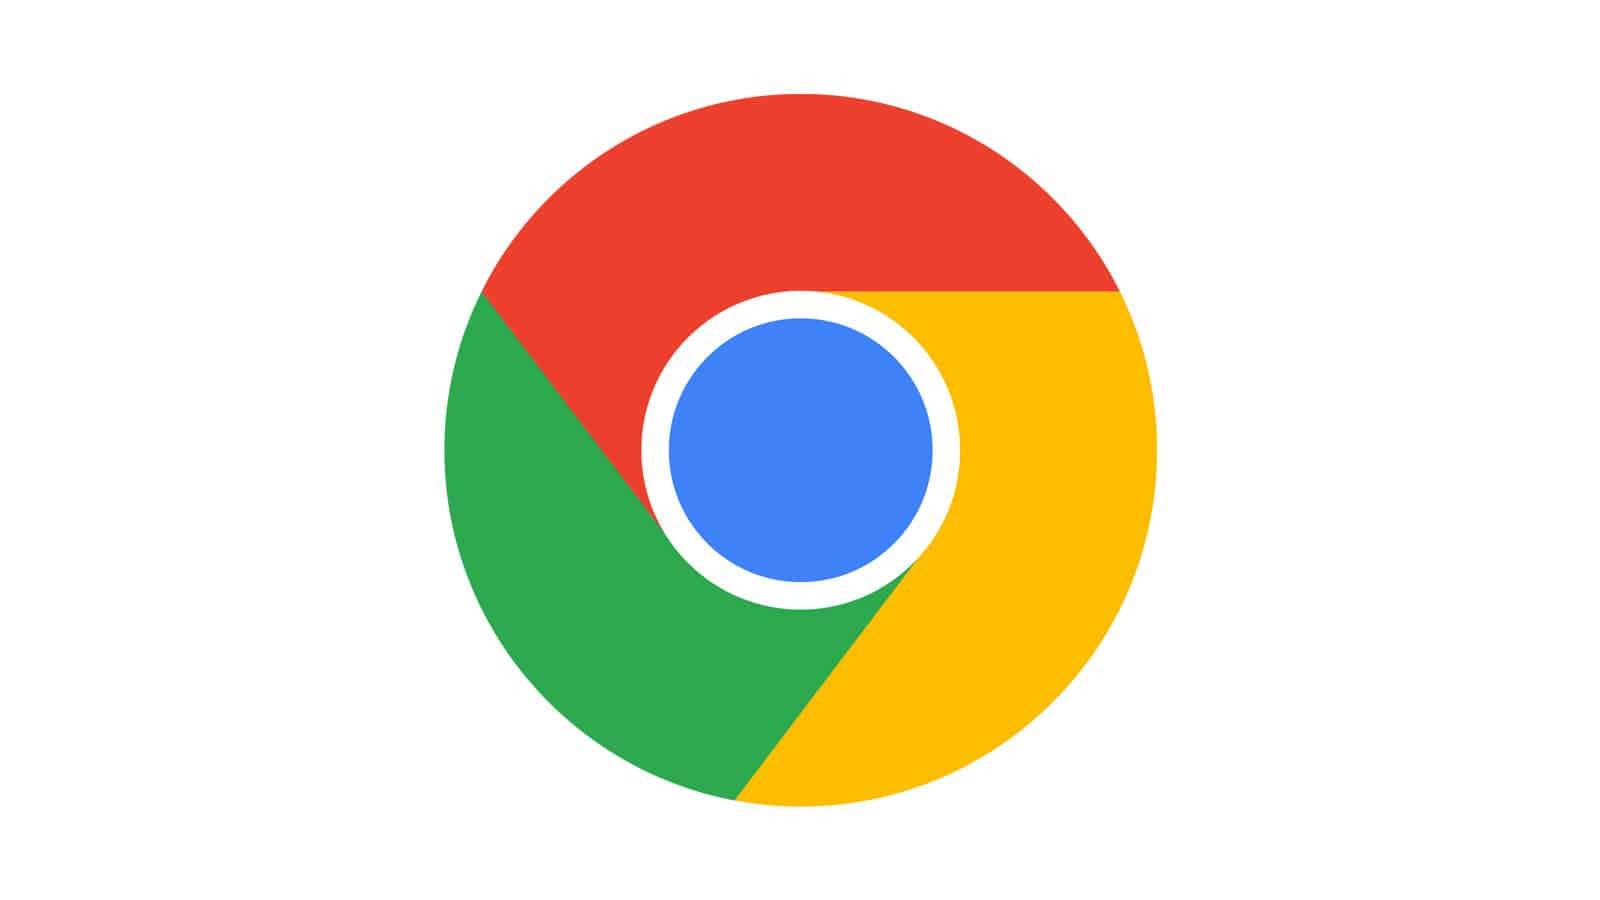 Le navigateur chrome affiche les résultats de recherche directement dans la barre d'adresse.